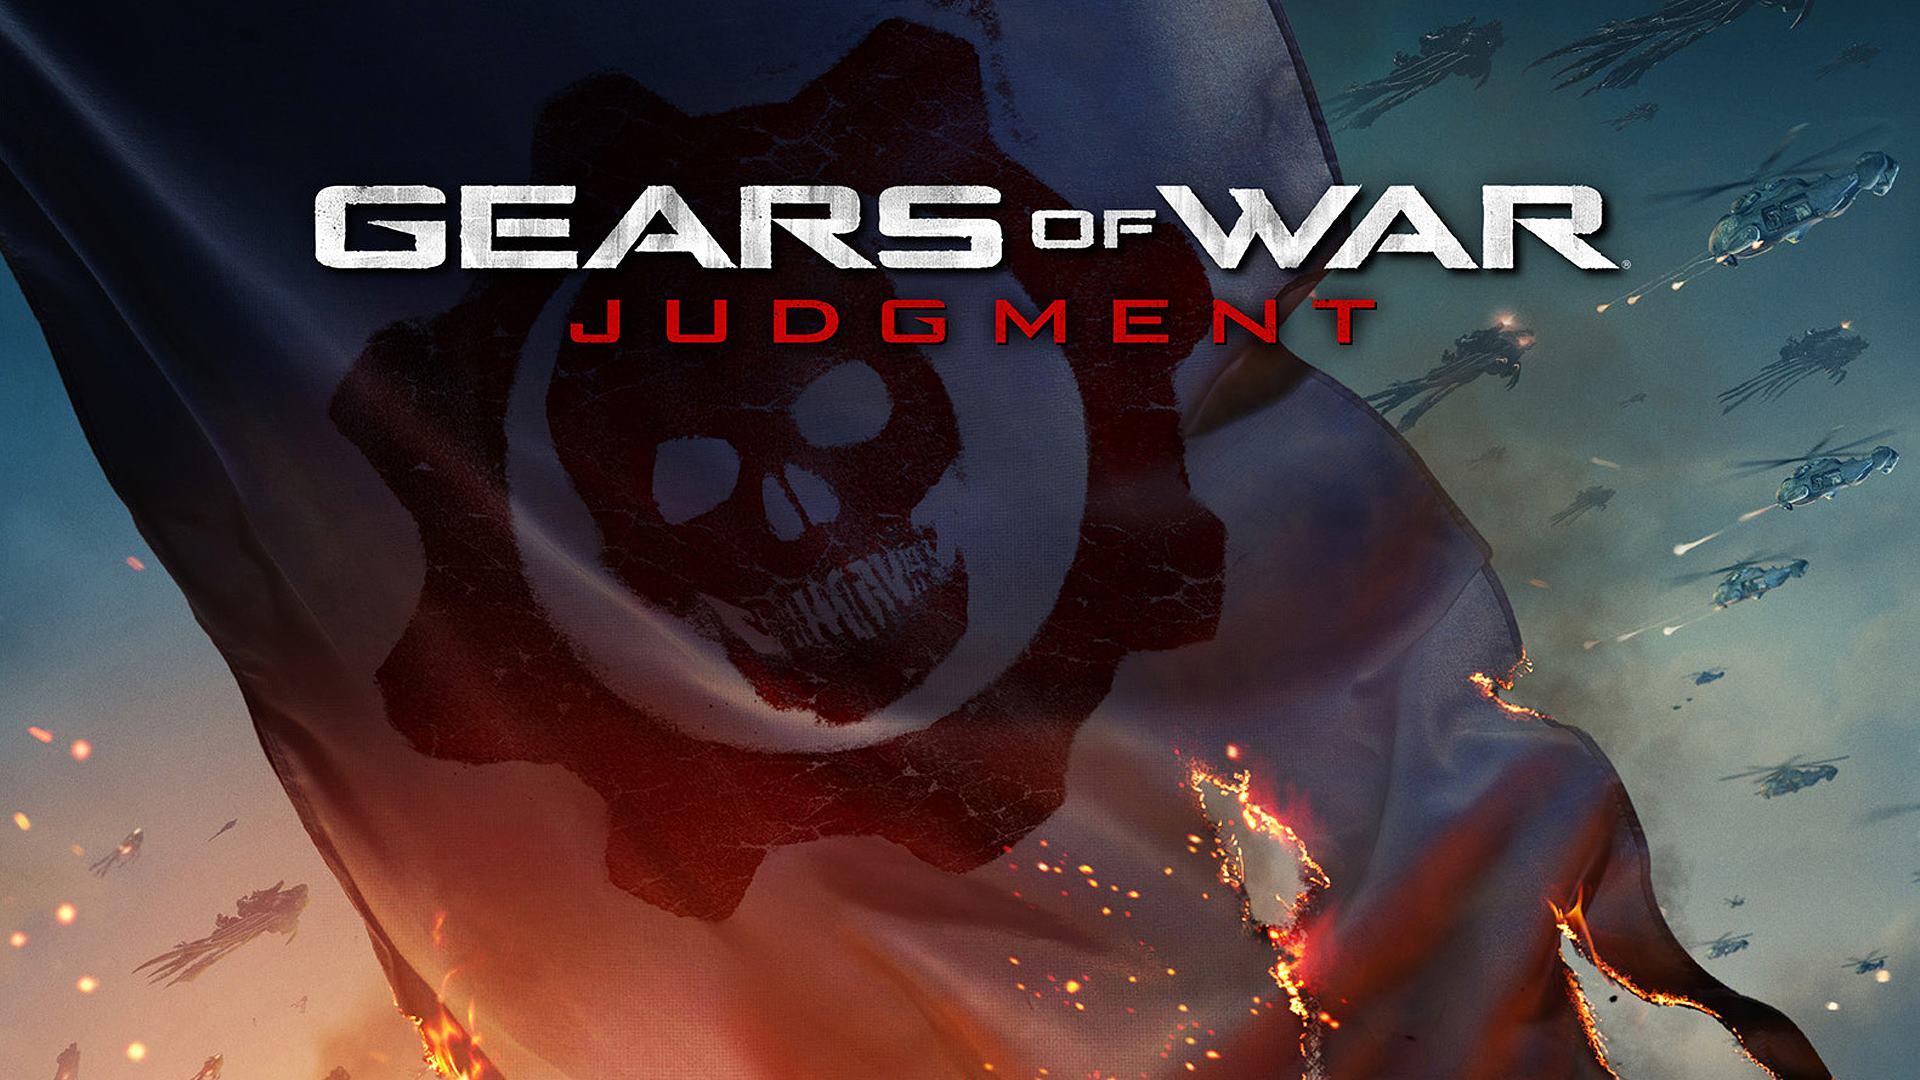 Bmw 3d Live Wallpaper Gears Of War Game A2 Hd Desktop Wallpapers 4k Hd